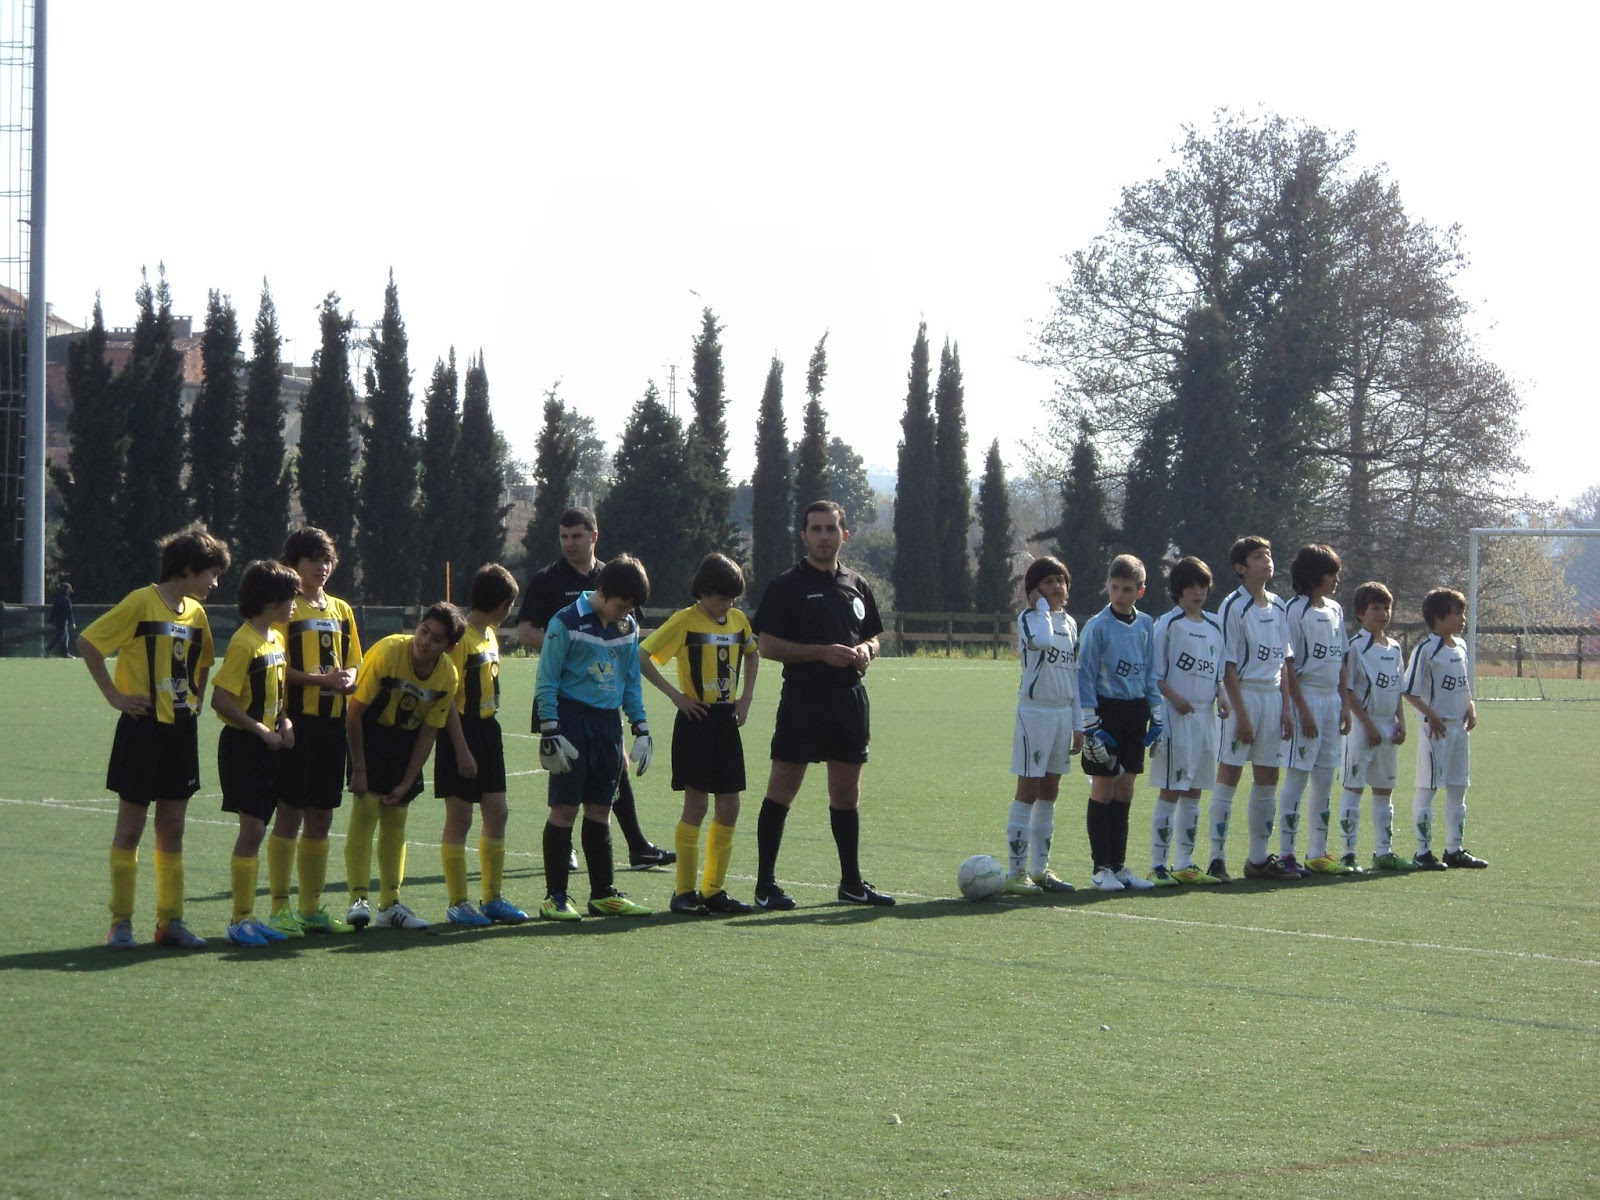 Melhor Academia de Futebol Academia de Futebol Infantis